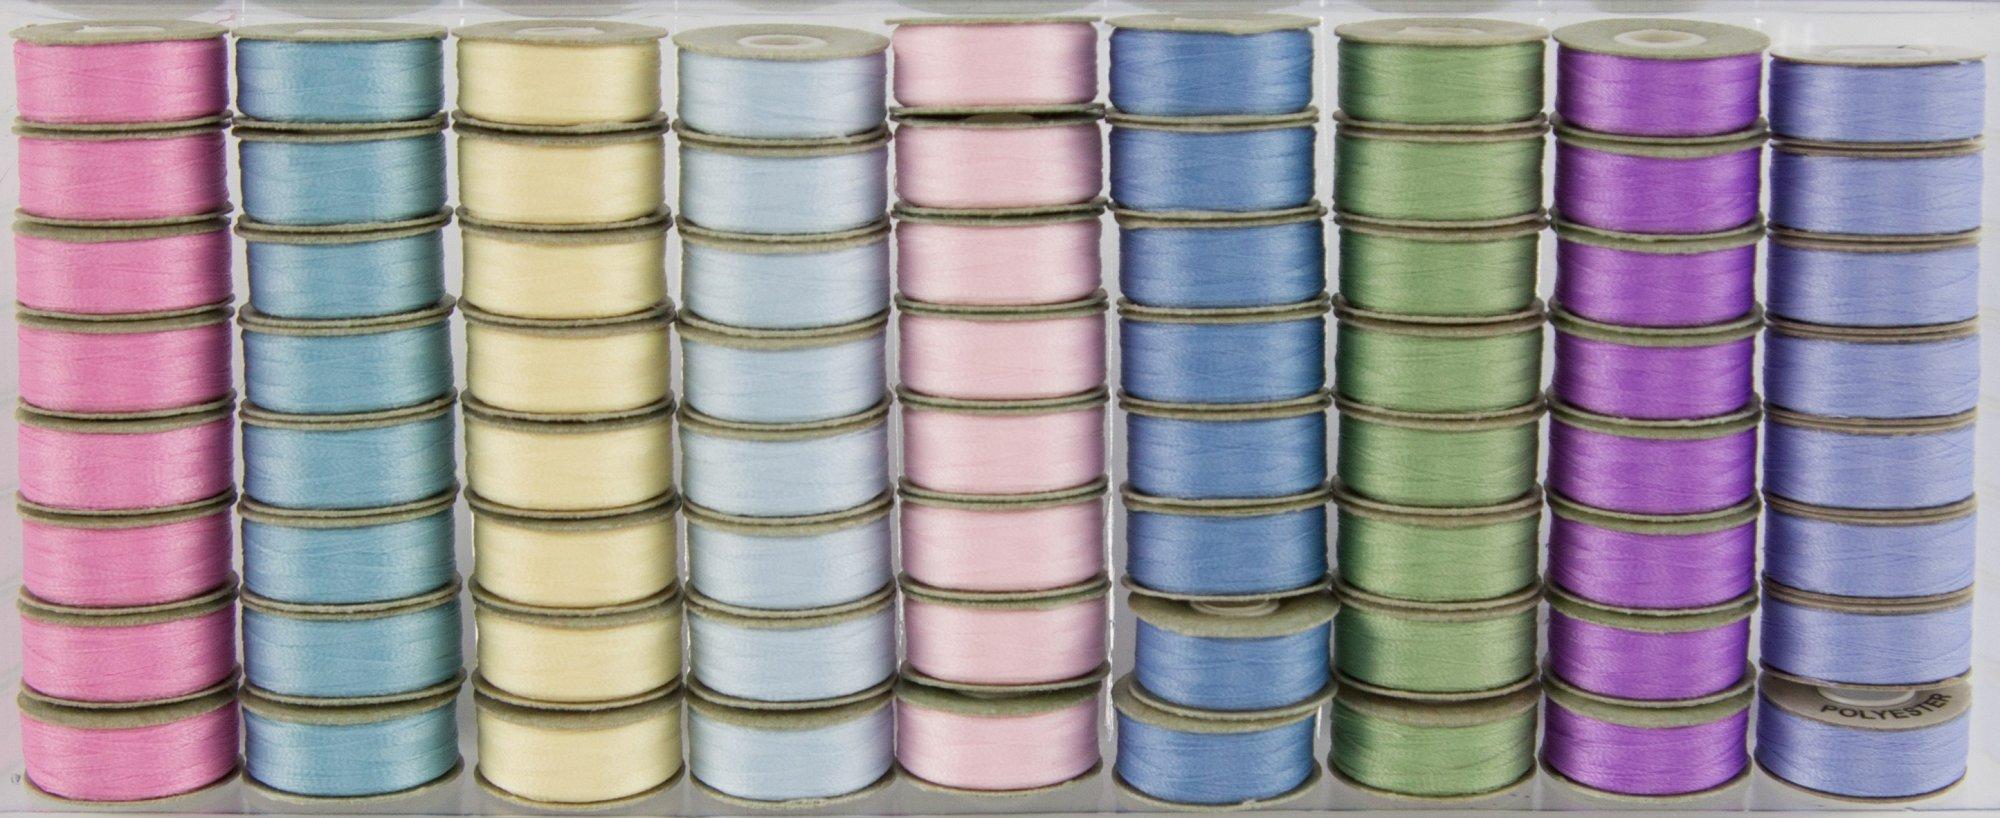 Prewound Bobbins BottomLine Thread L Style Pastels